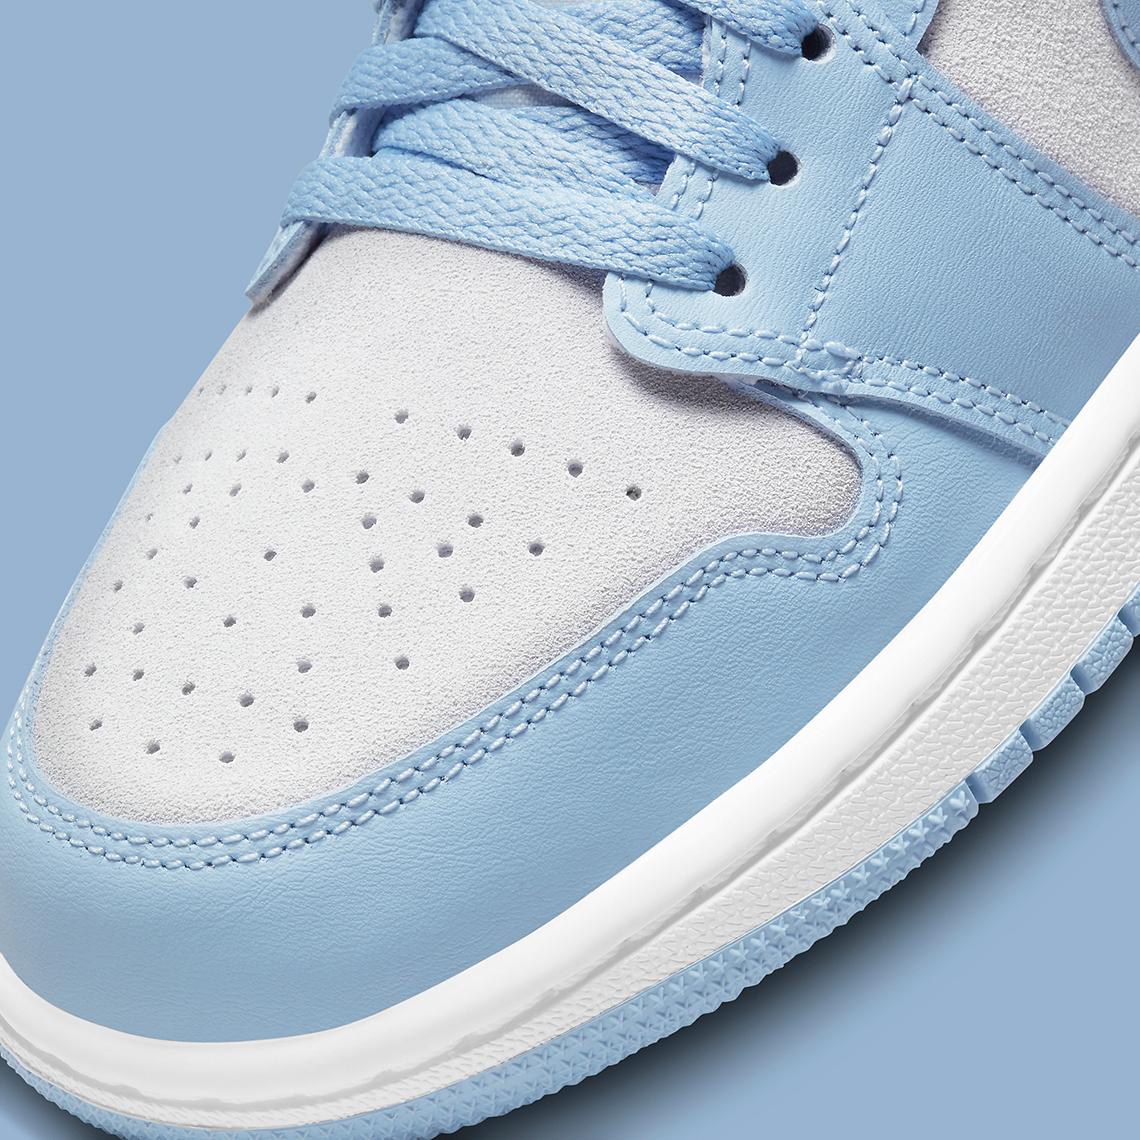 Air Jordan 1 Low WMNS ''University Blue'' - DC0774-050